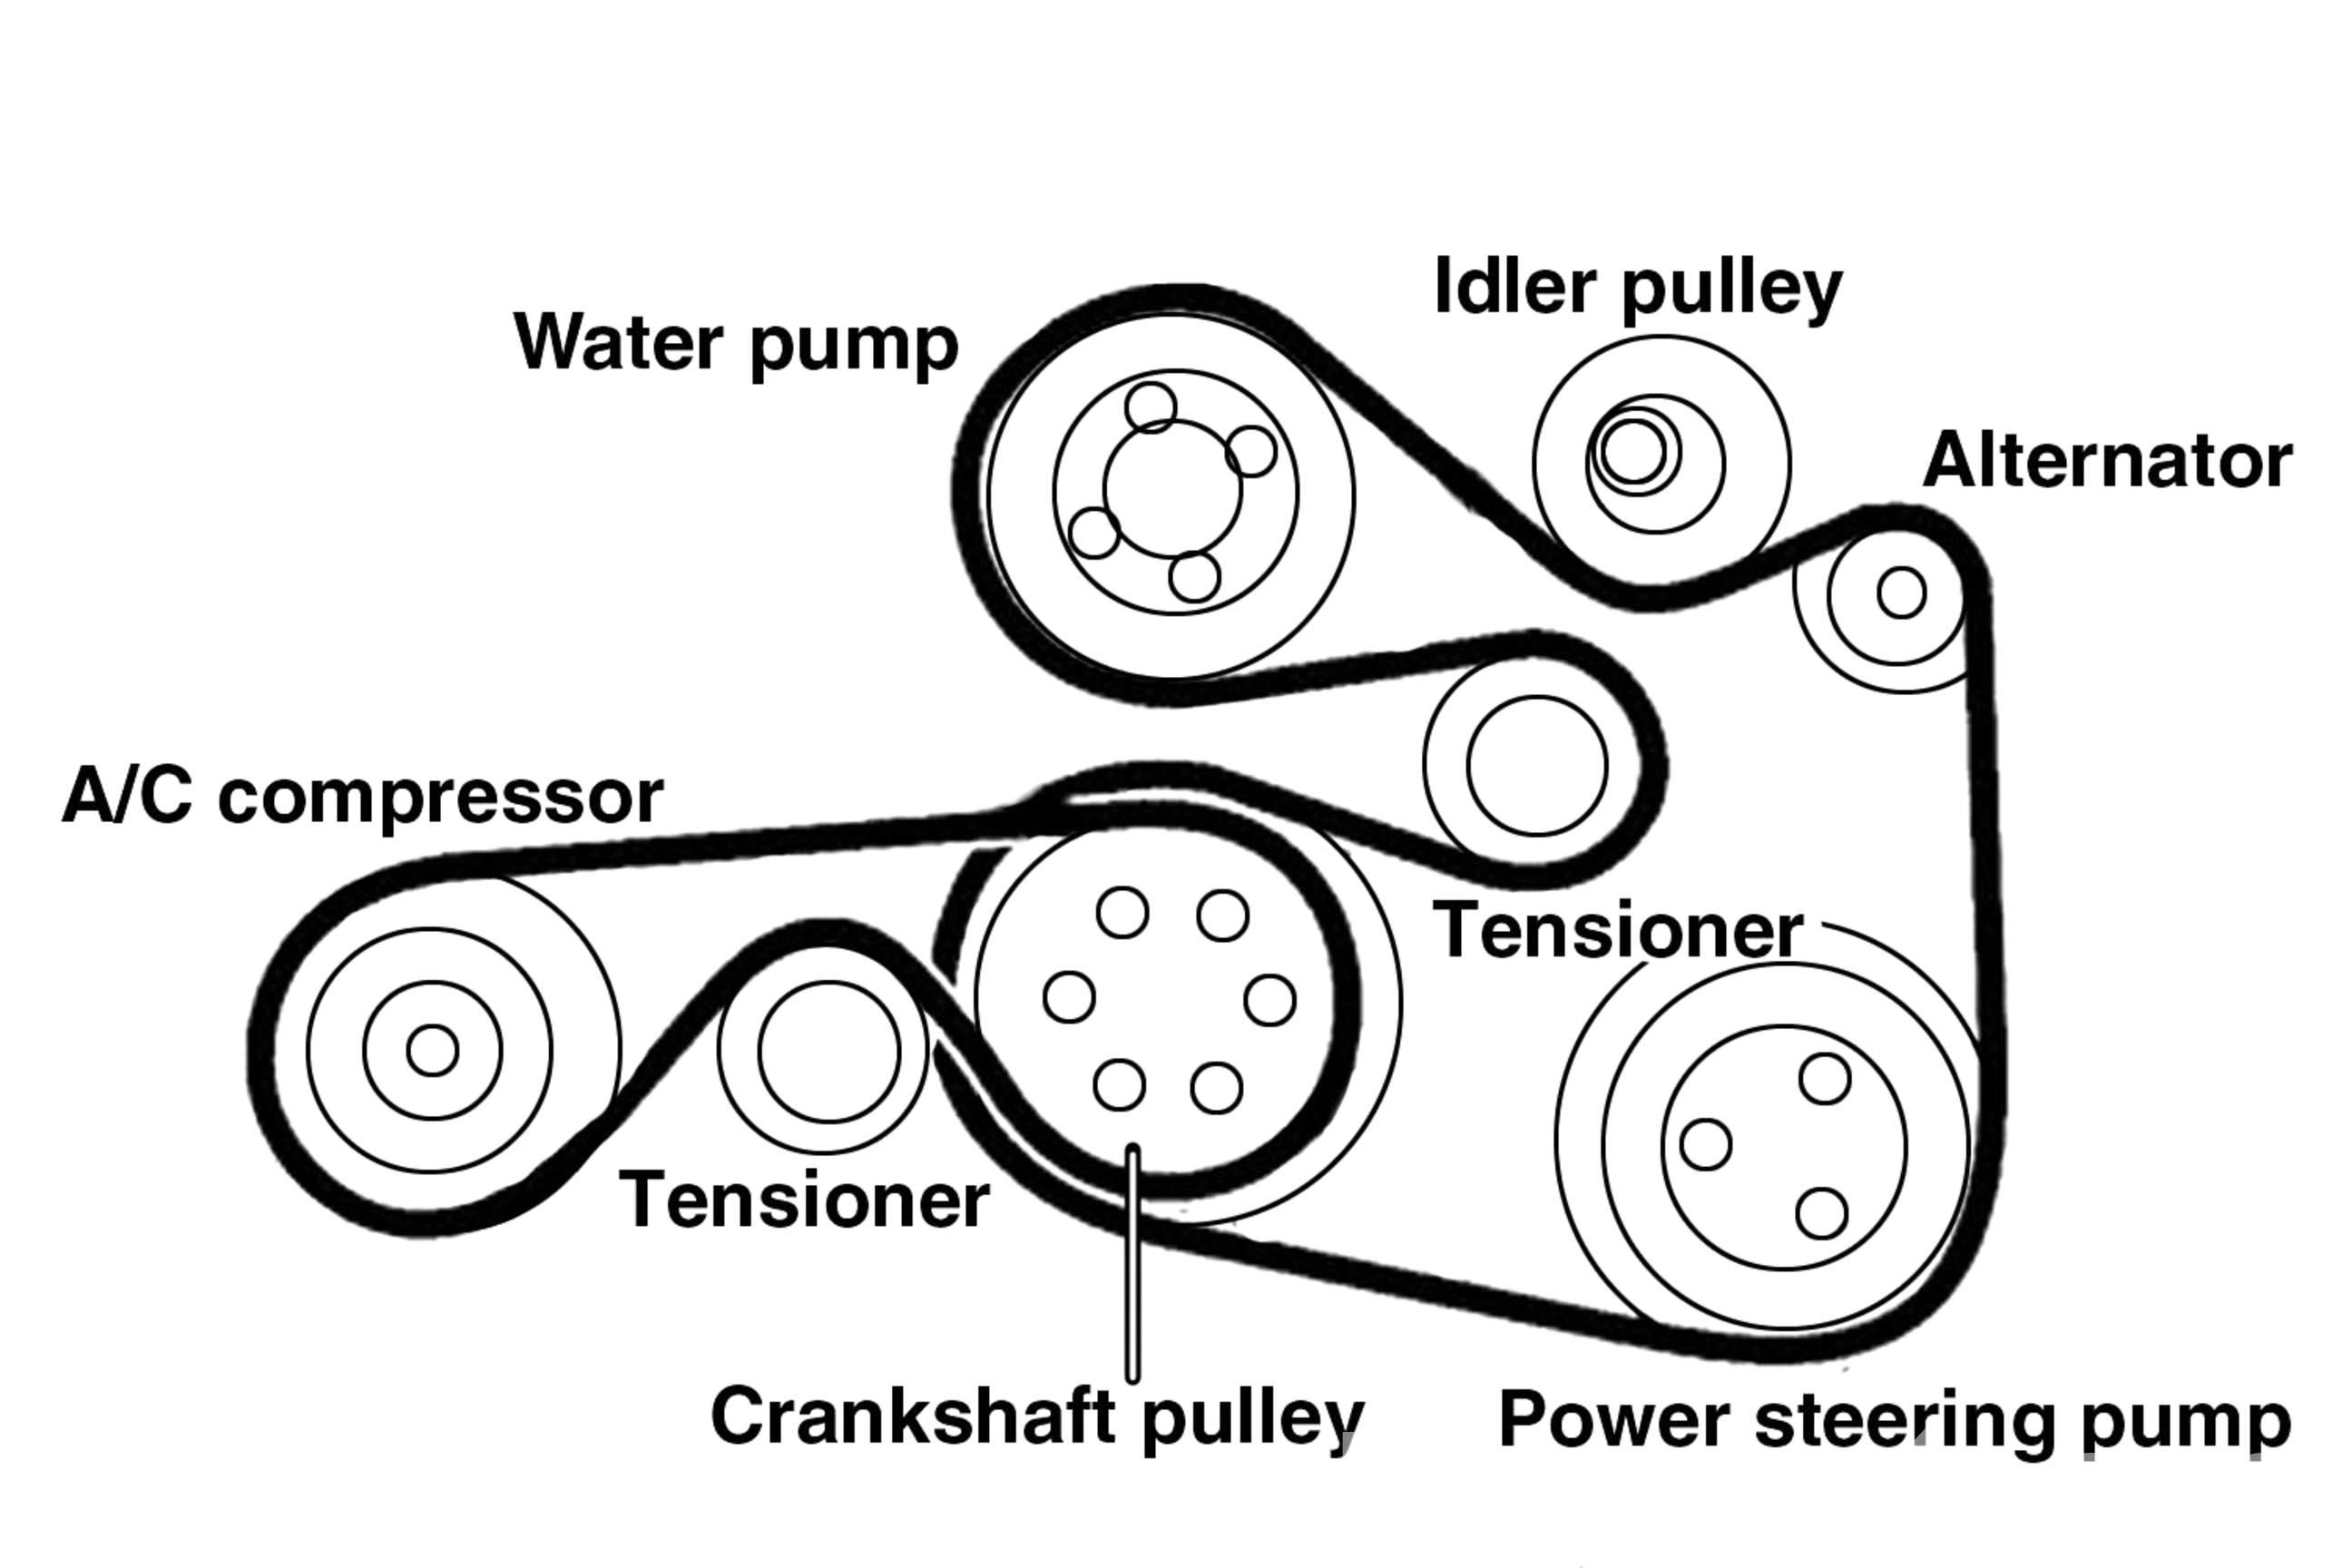 power steering 2groove crank pulley